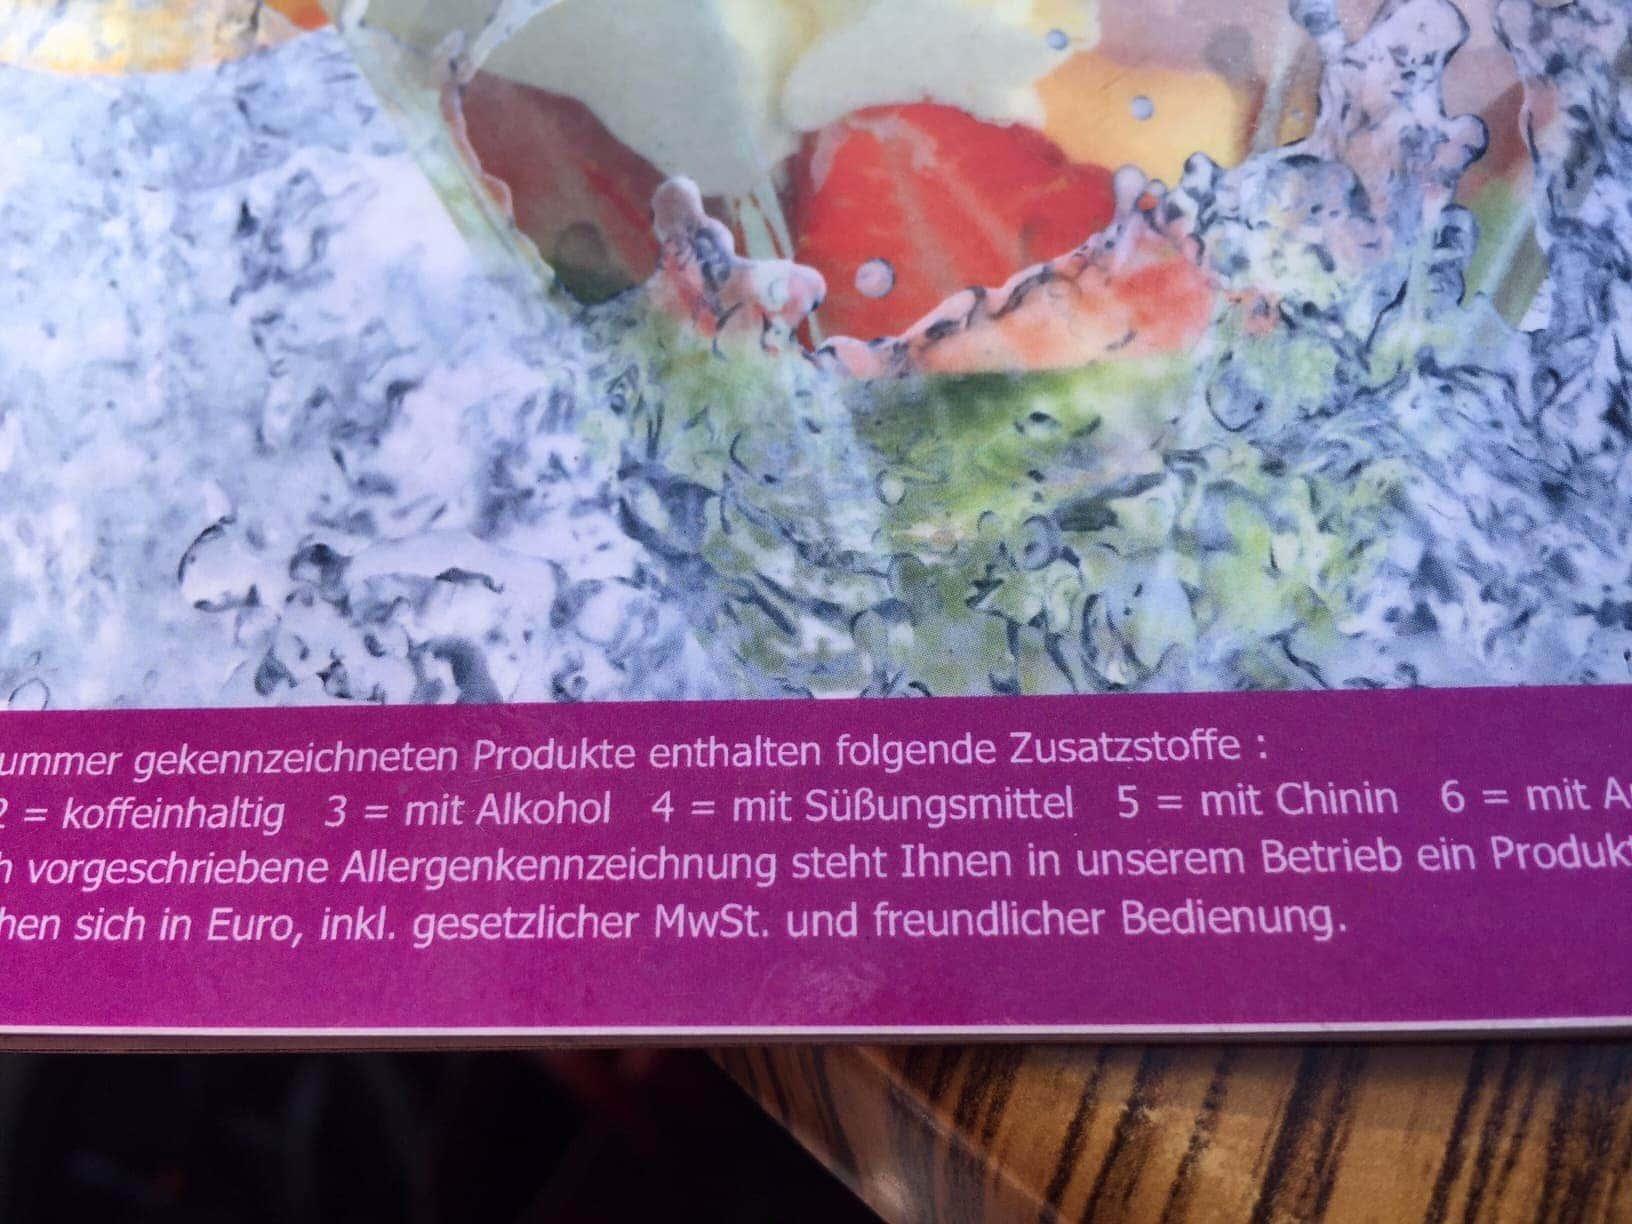 Ausschnitt aus einer Speisekarte, auf der steht: inklusive Mehrwertsteuer und freundlicher Bedienung